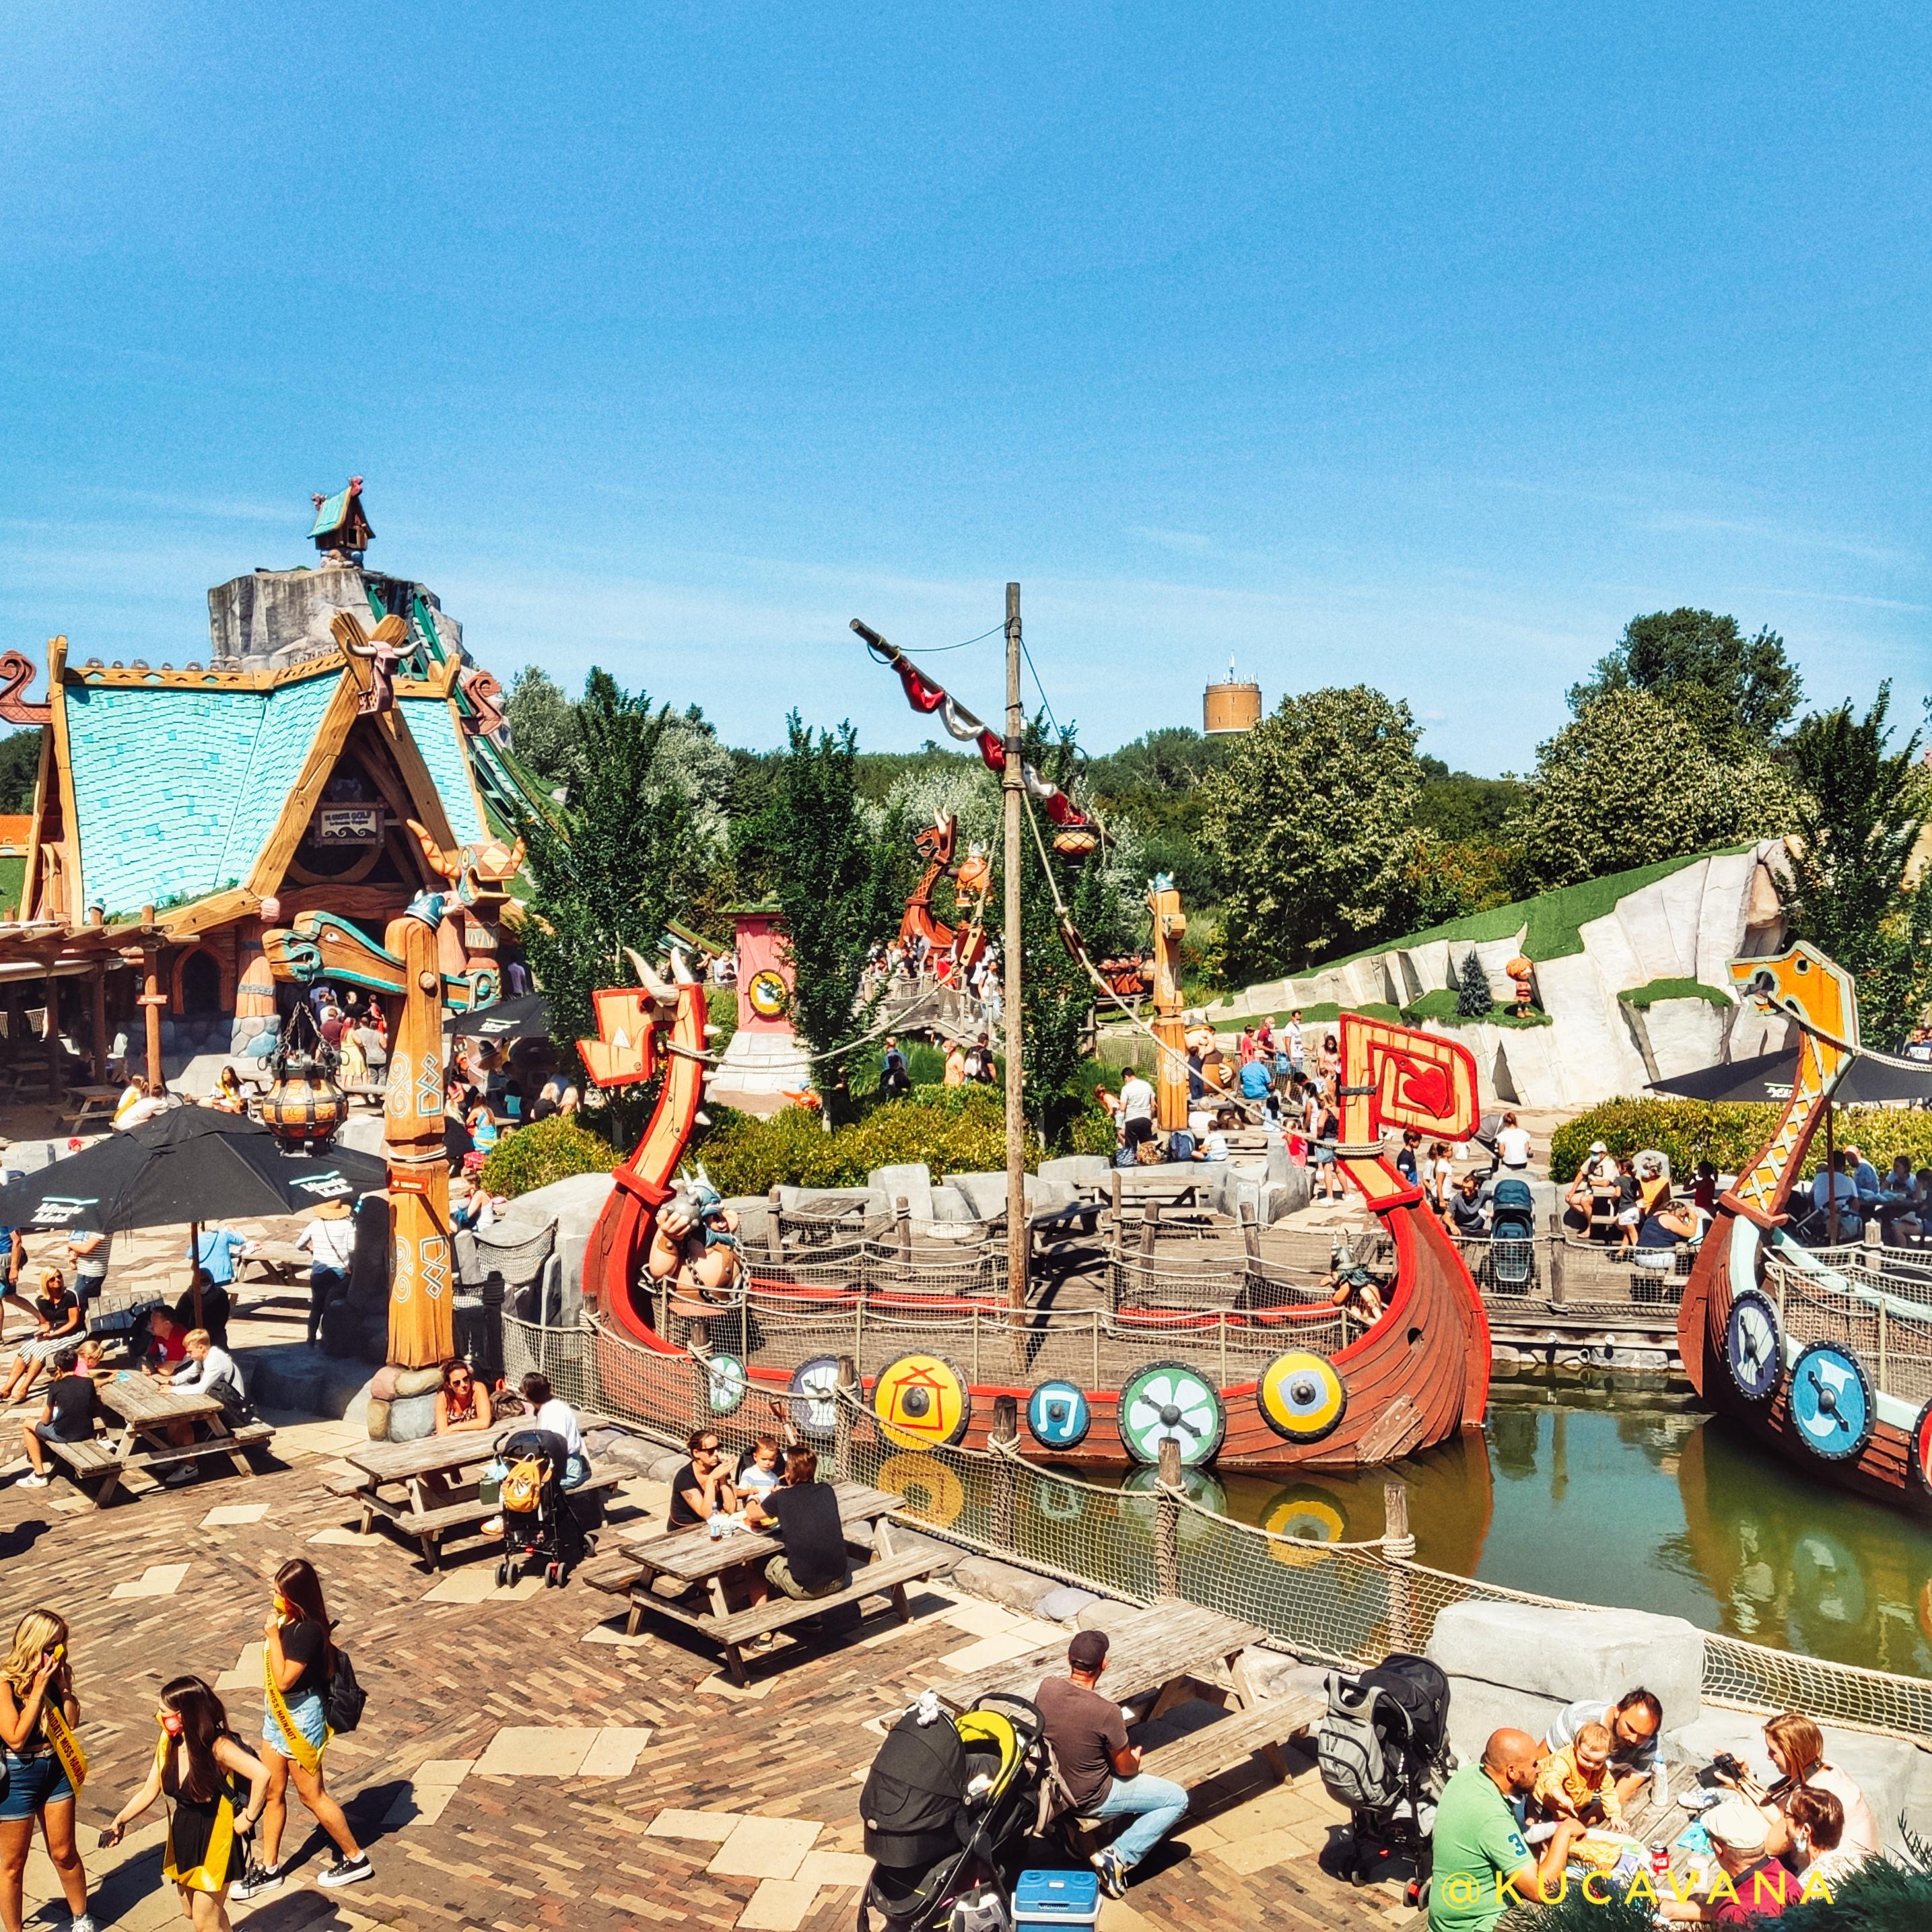 meilleur parc d'attractions d'Europe